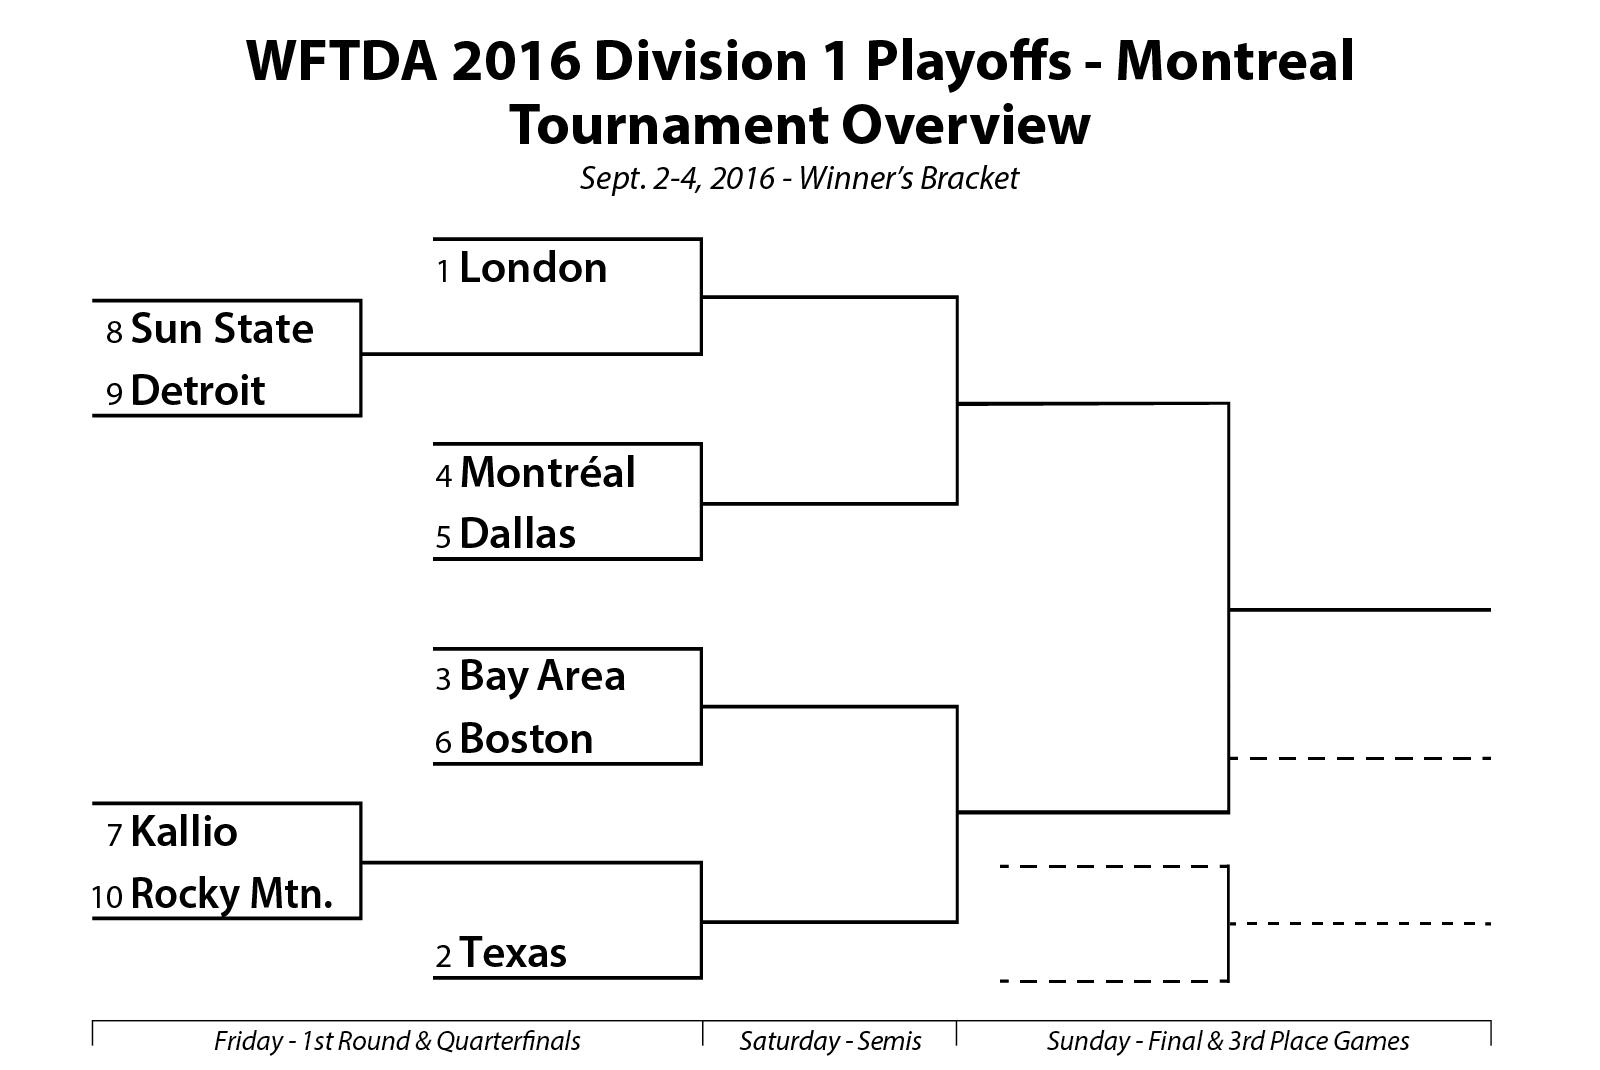 WFTDA-2016-Division-1-Playoffs-Montreal-Bracket